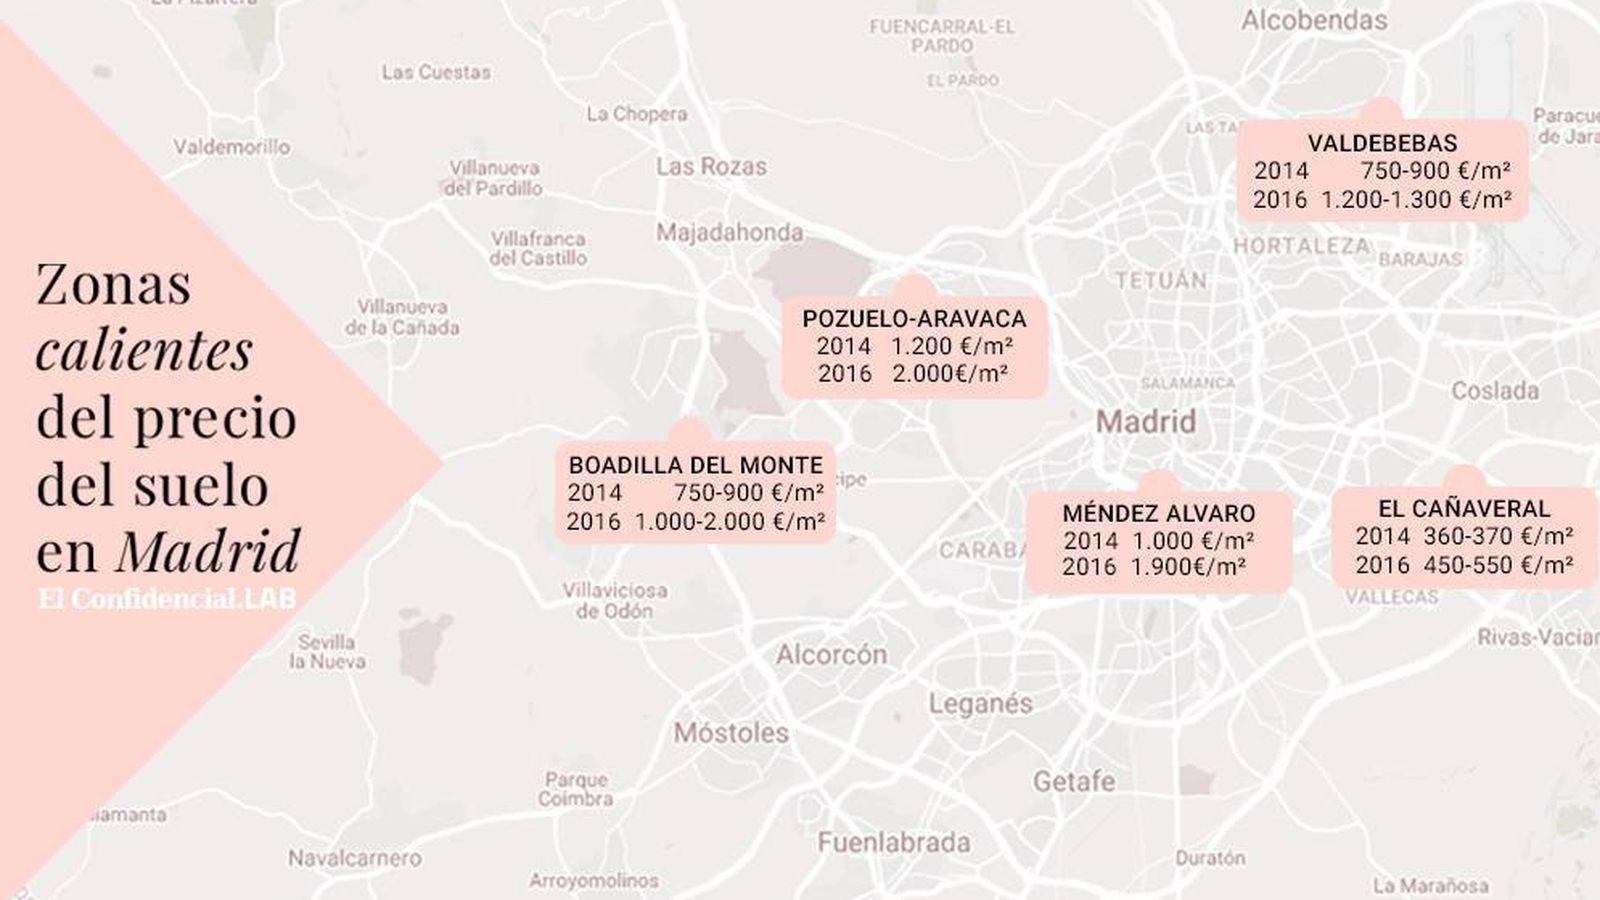 Foto: Estas son las zonas calientes del precio del suelo en Madrid. (Brenda Valverde)